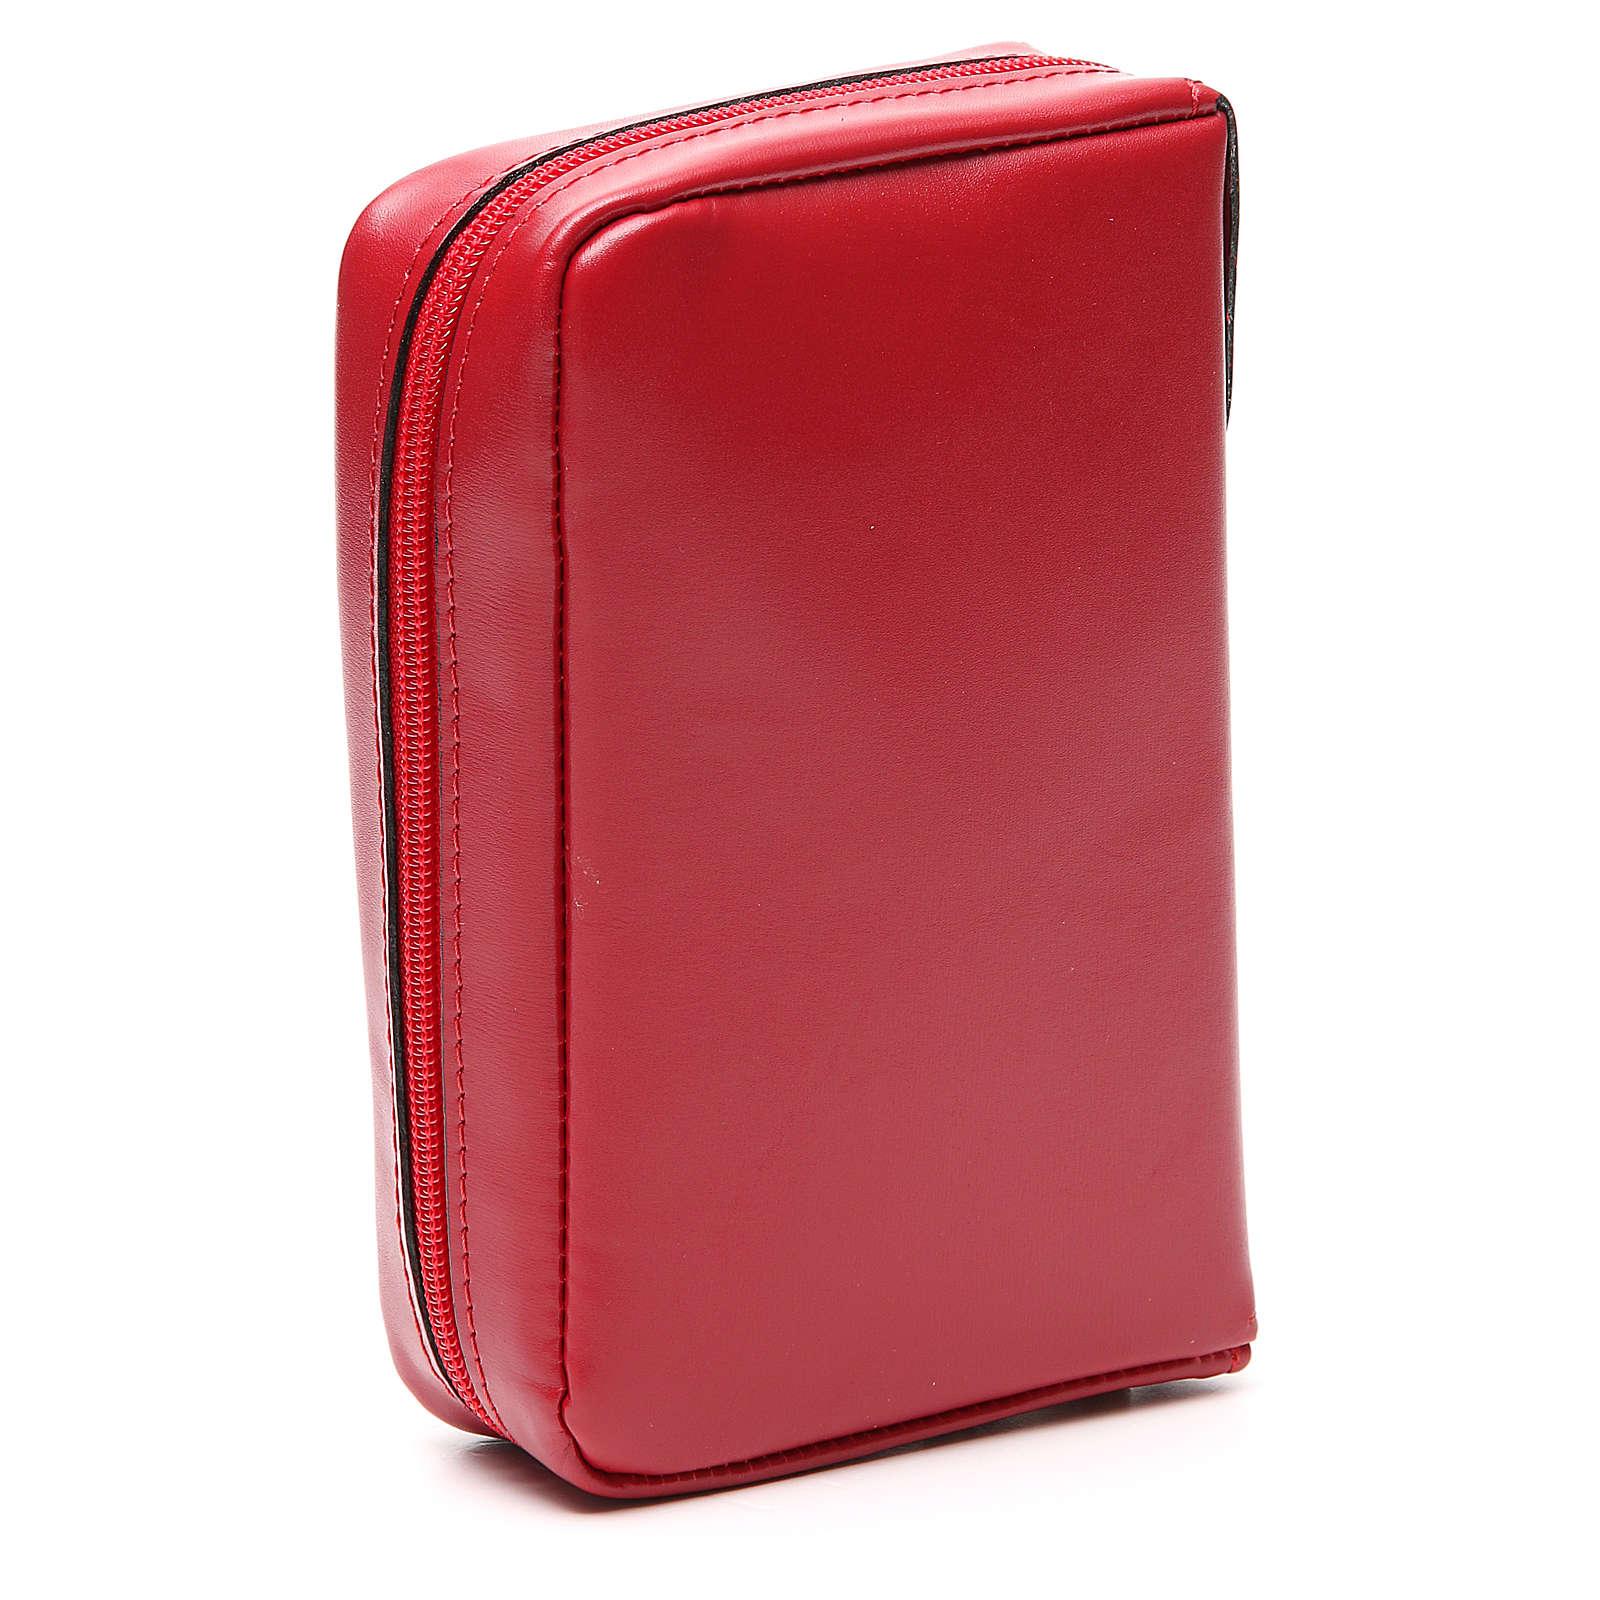 Custodia Lit. Ore 4 Vol. Zip rossa Passionisti 4